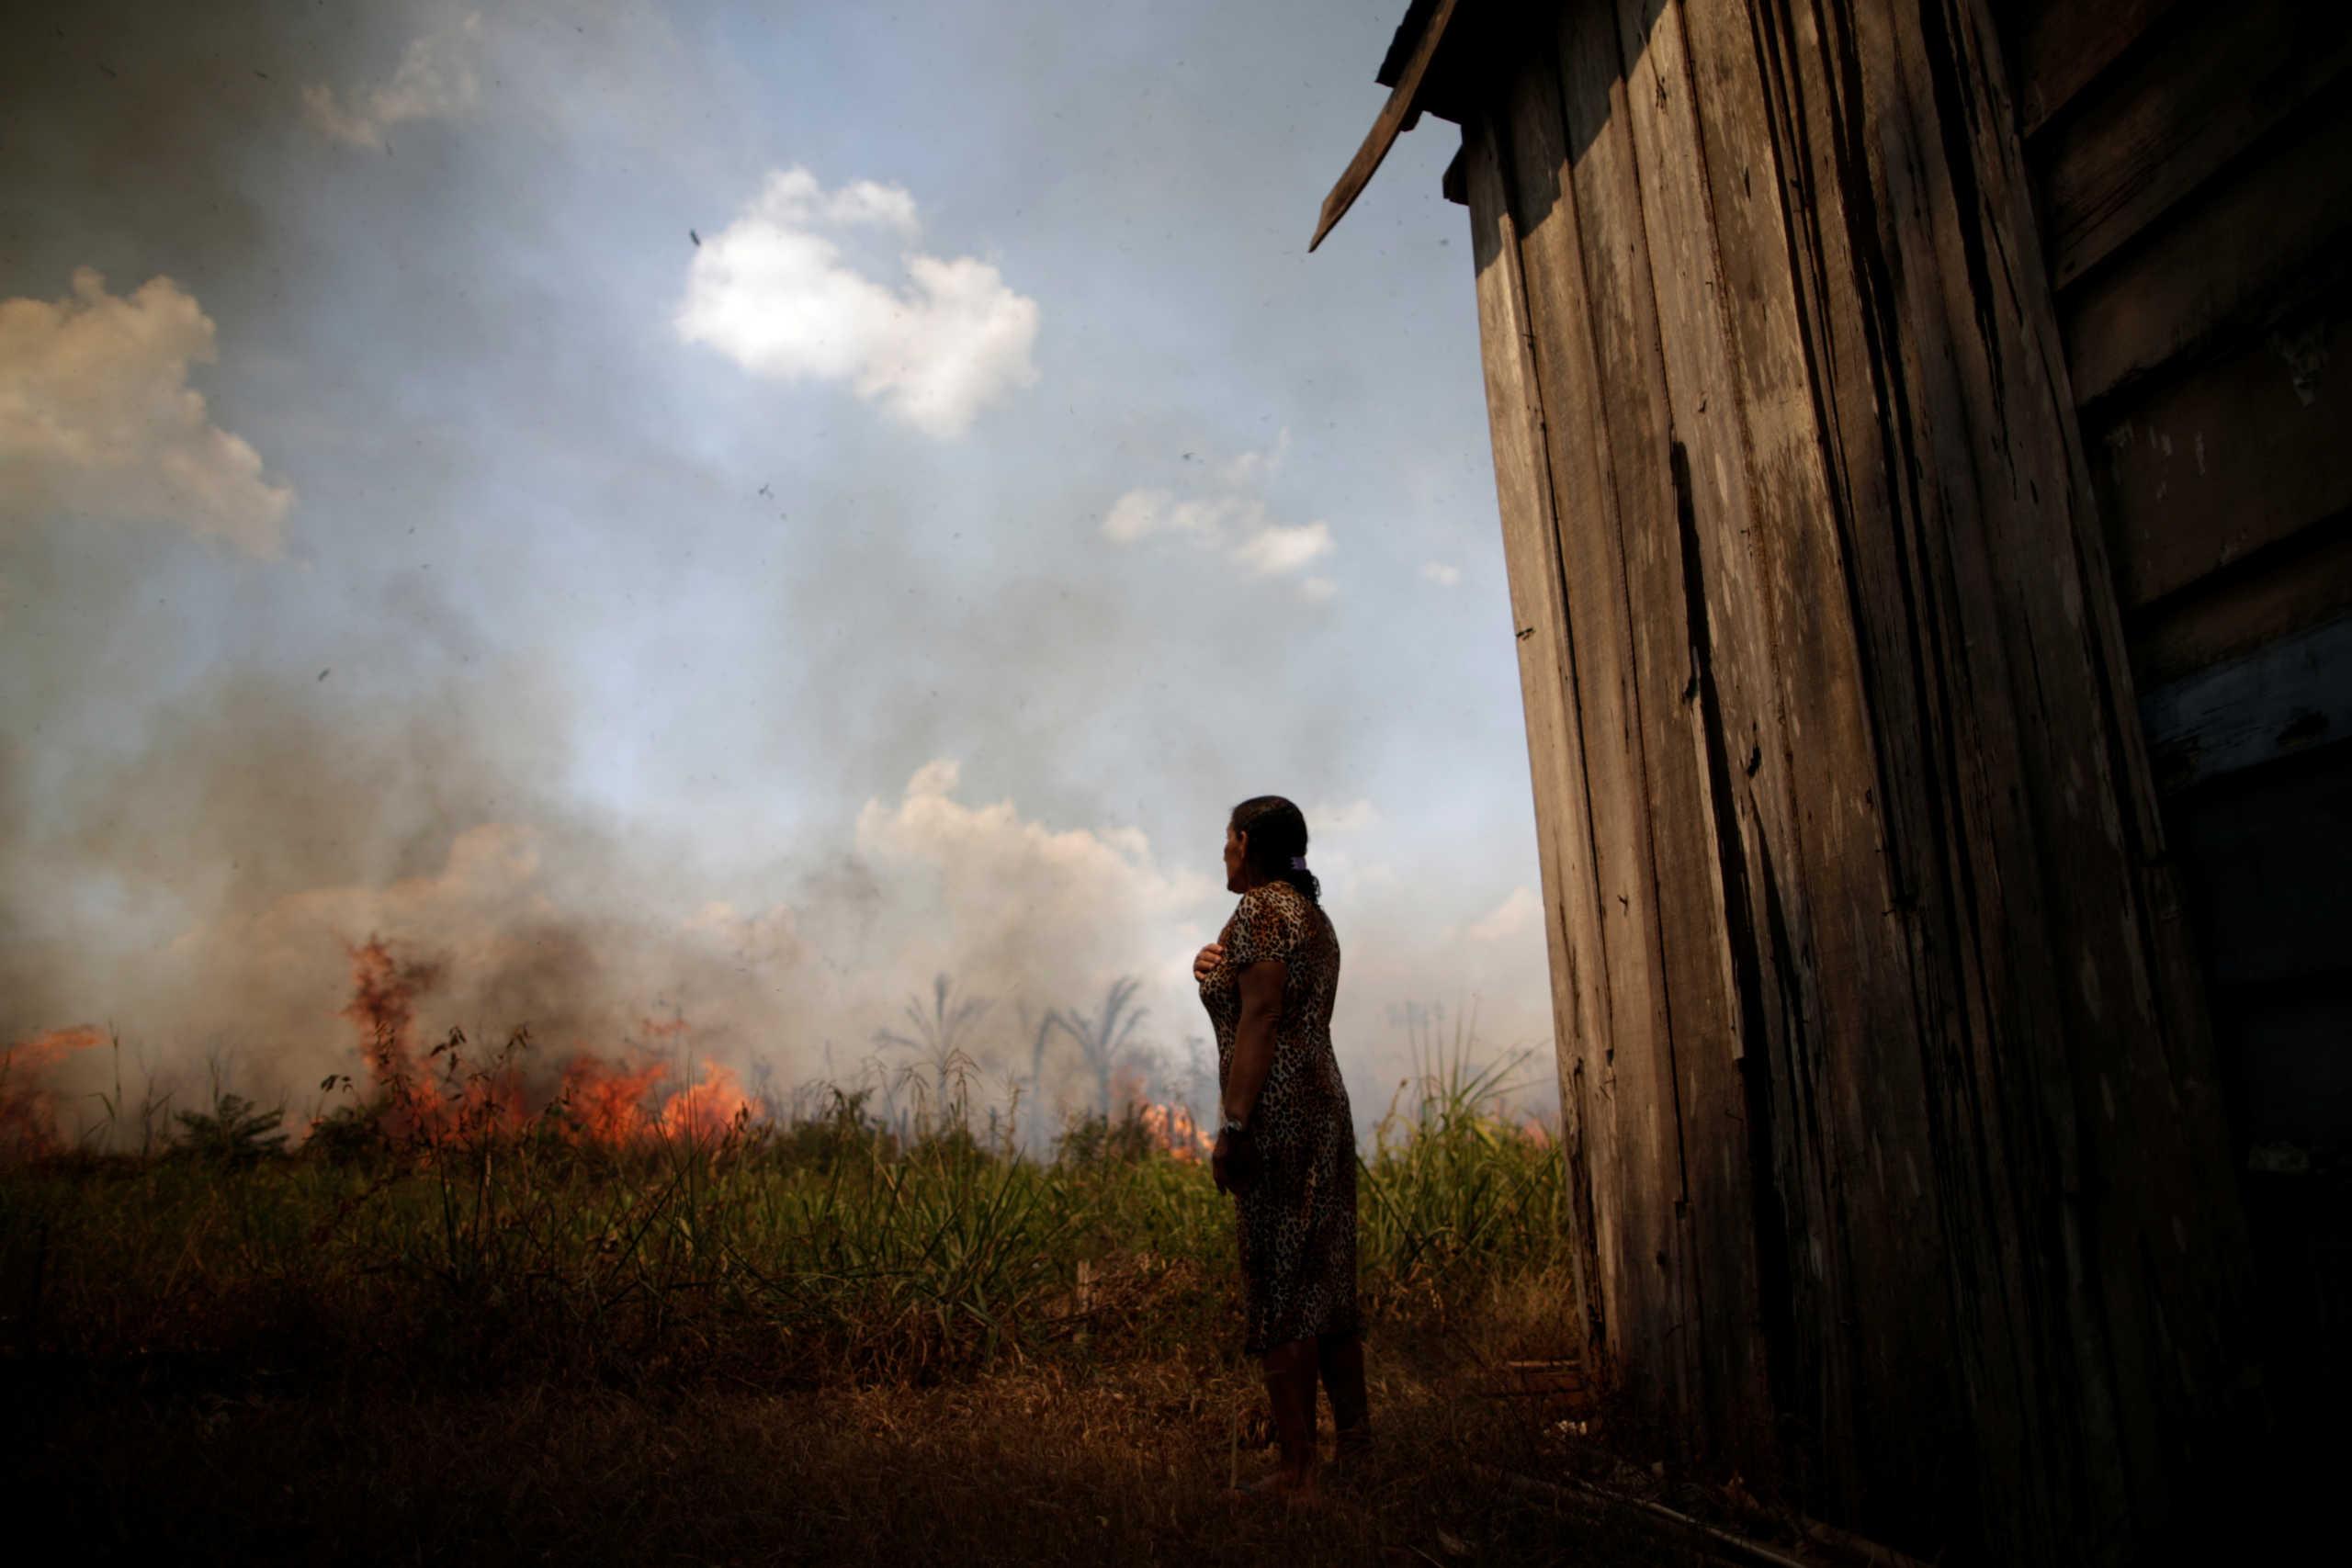 Βραζιλία: Ακραίοι καύσωνες ως το 2100 εξαιτίας της αποψίλωσης του Αμαζονίου